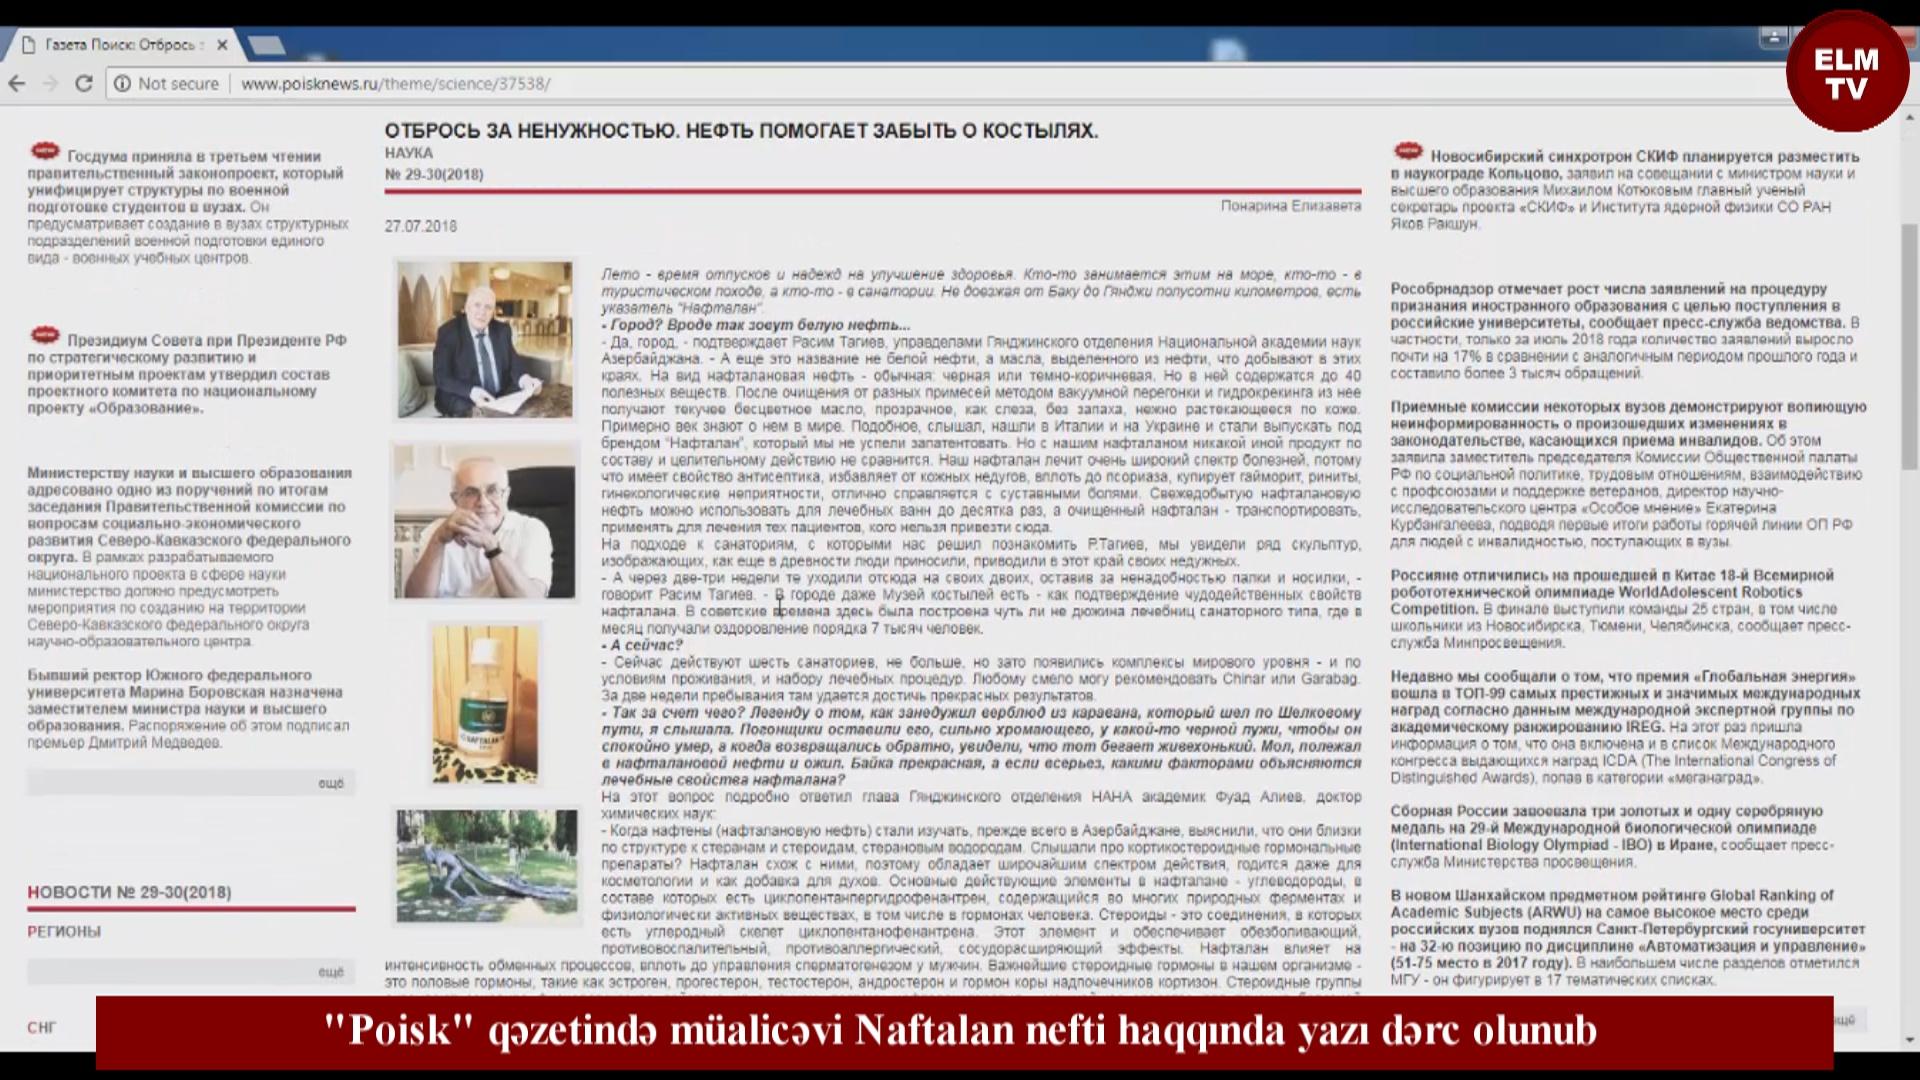 """""""Poisk"""" qəzetində müalicəvi Naftalan nefti haqqında yazı dərc olunub"""